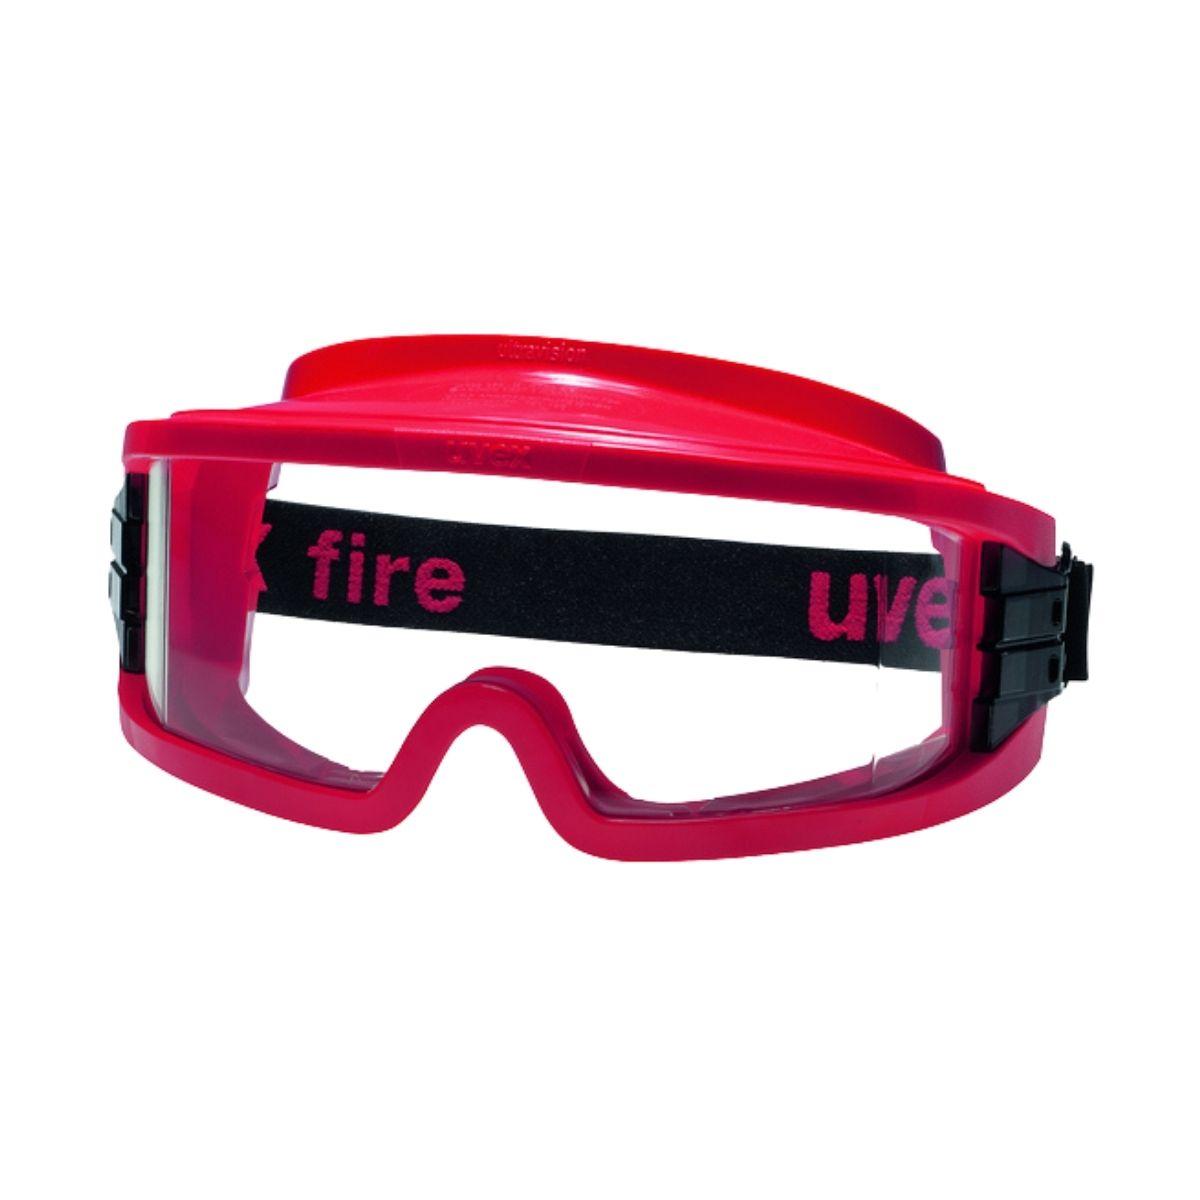 EW0026 Uvex Ultravision Gas-Tight Goggle